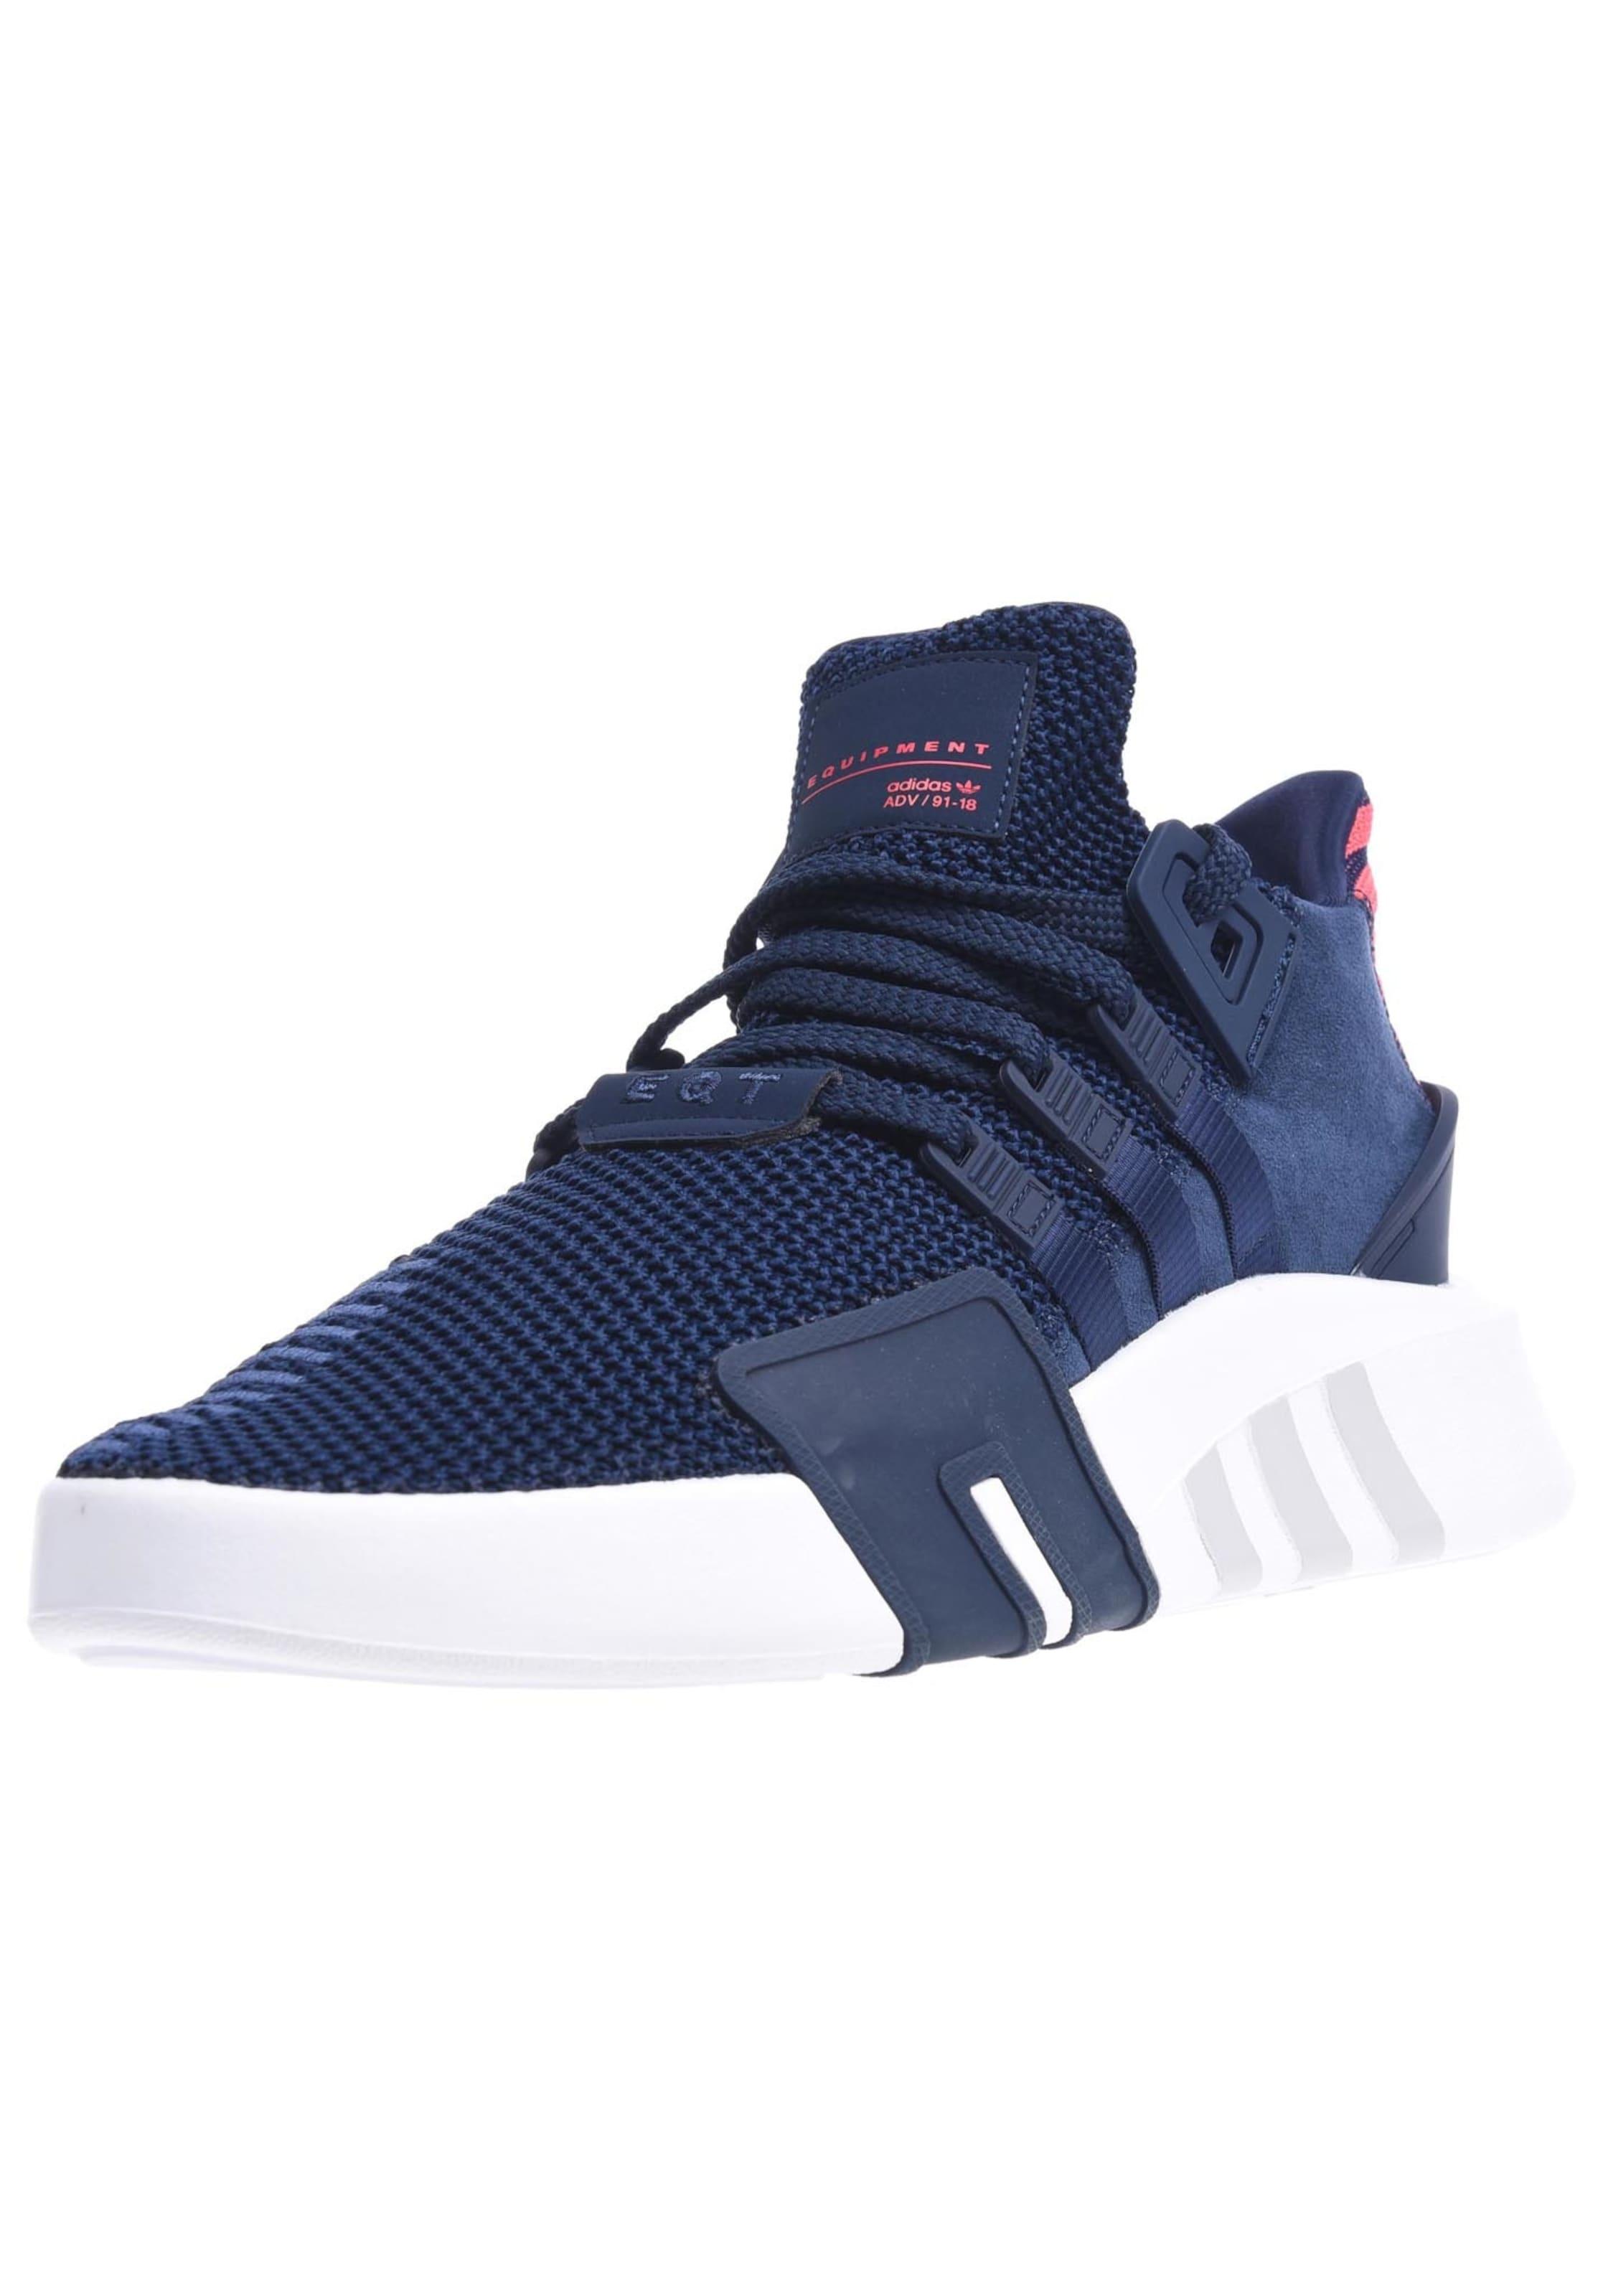 ADIDAS ORIGINALS Eqt Bask Adv Sneaker